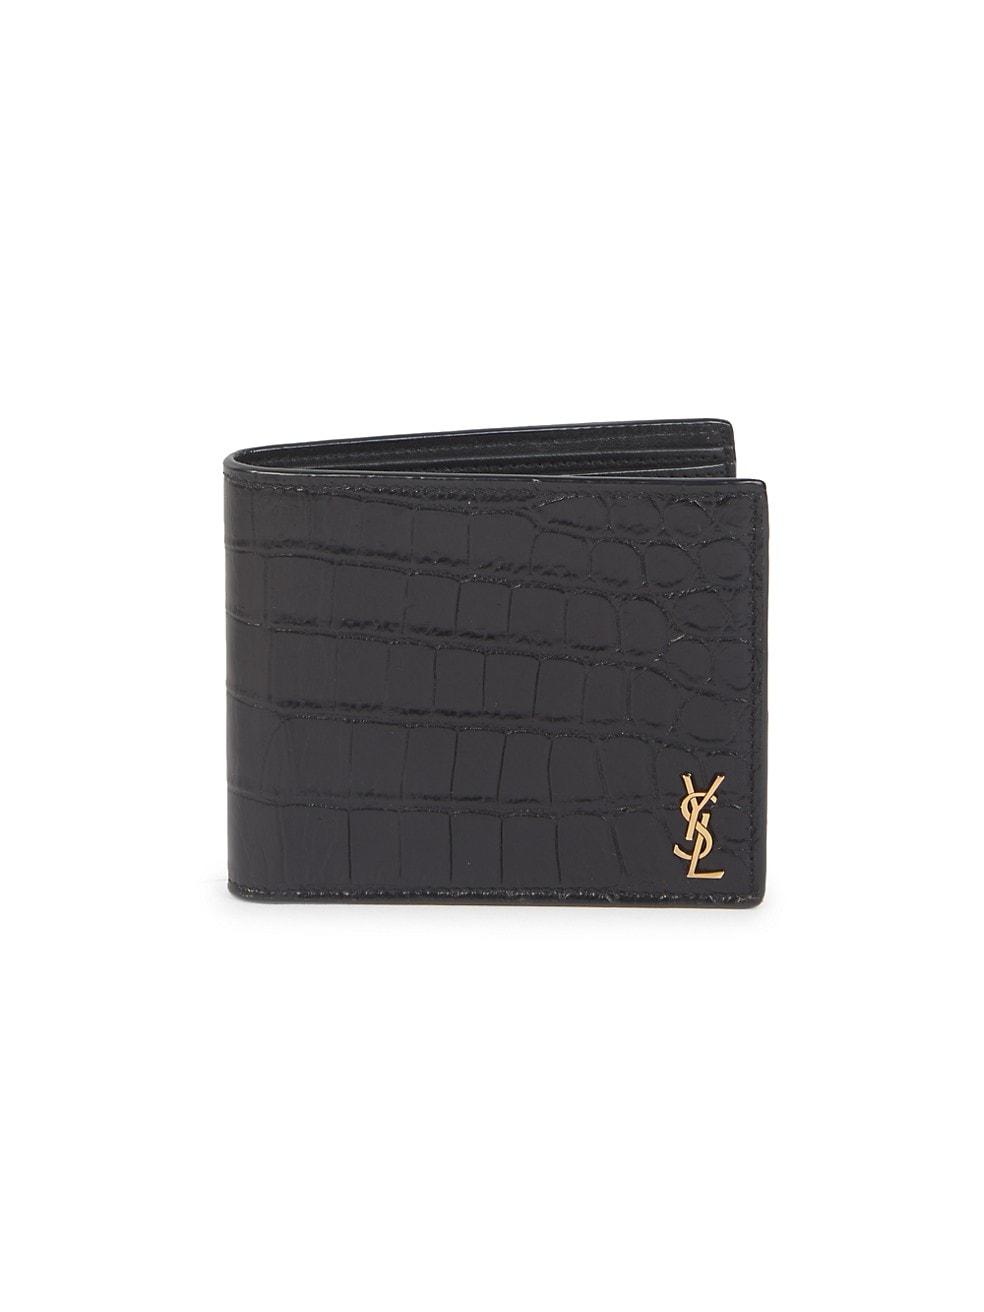 생 로랑 Saint Laurent Crocodile-Embossed Leather Wallet,BLACK